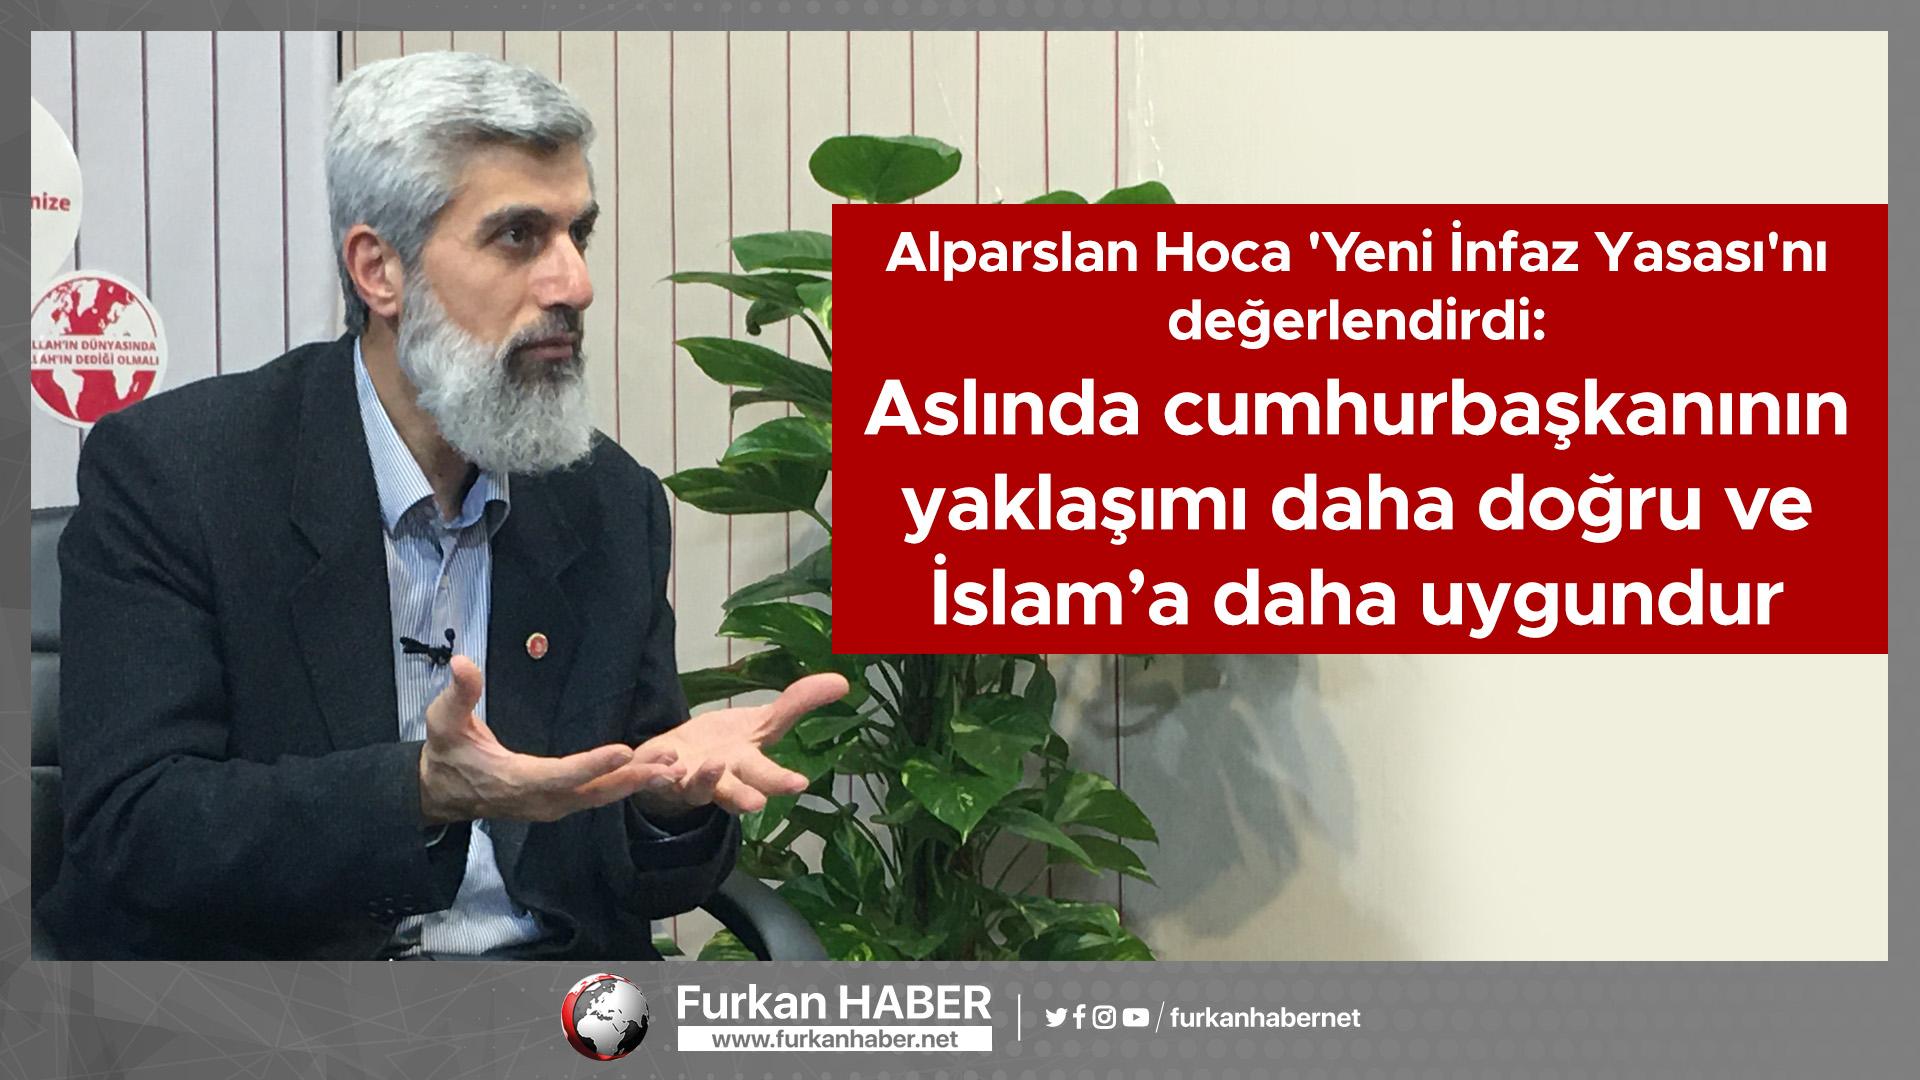 Alparslan Hoca 'Yeni İnfaz Yasası'nı değerlendirdi: Aslında cumhurbaşkanının yaklaşımı daha doğru ve İslam'a daha uygundur